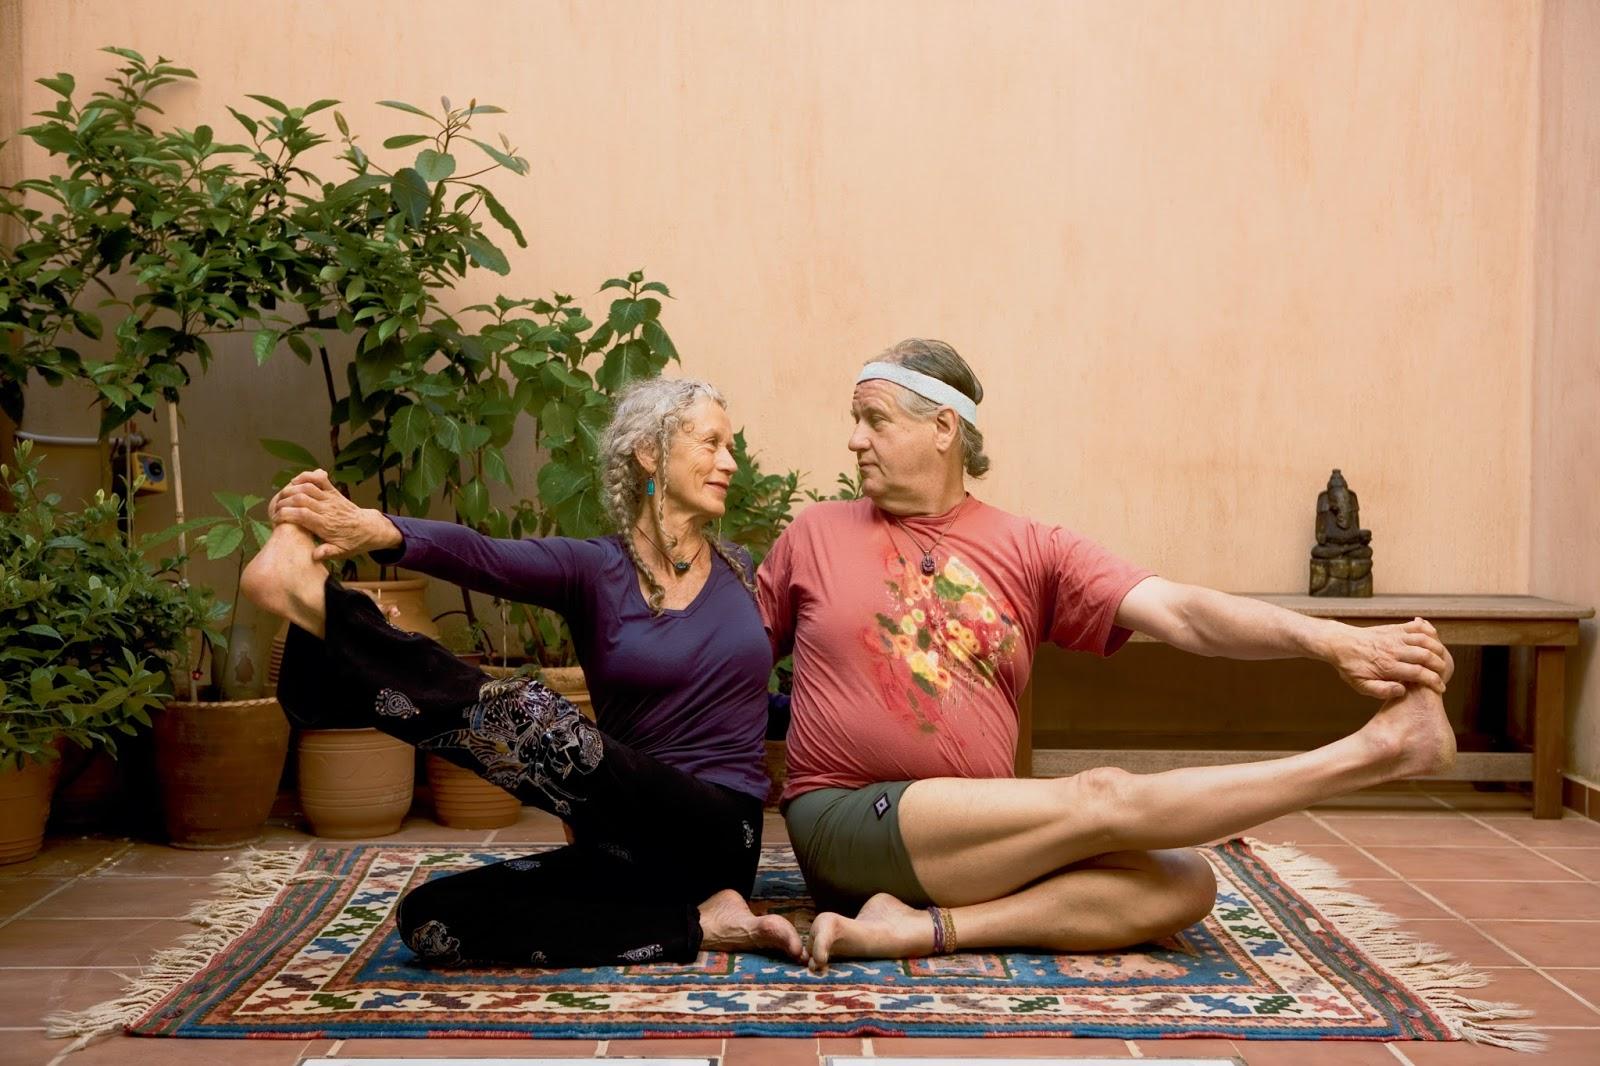 Snug Harbor Bay: Book Review - Yoga at Home